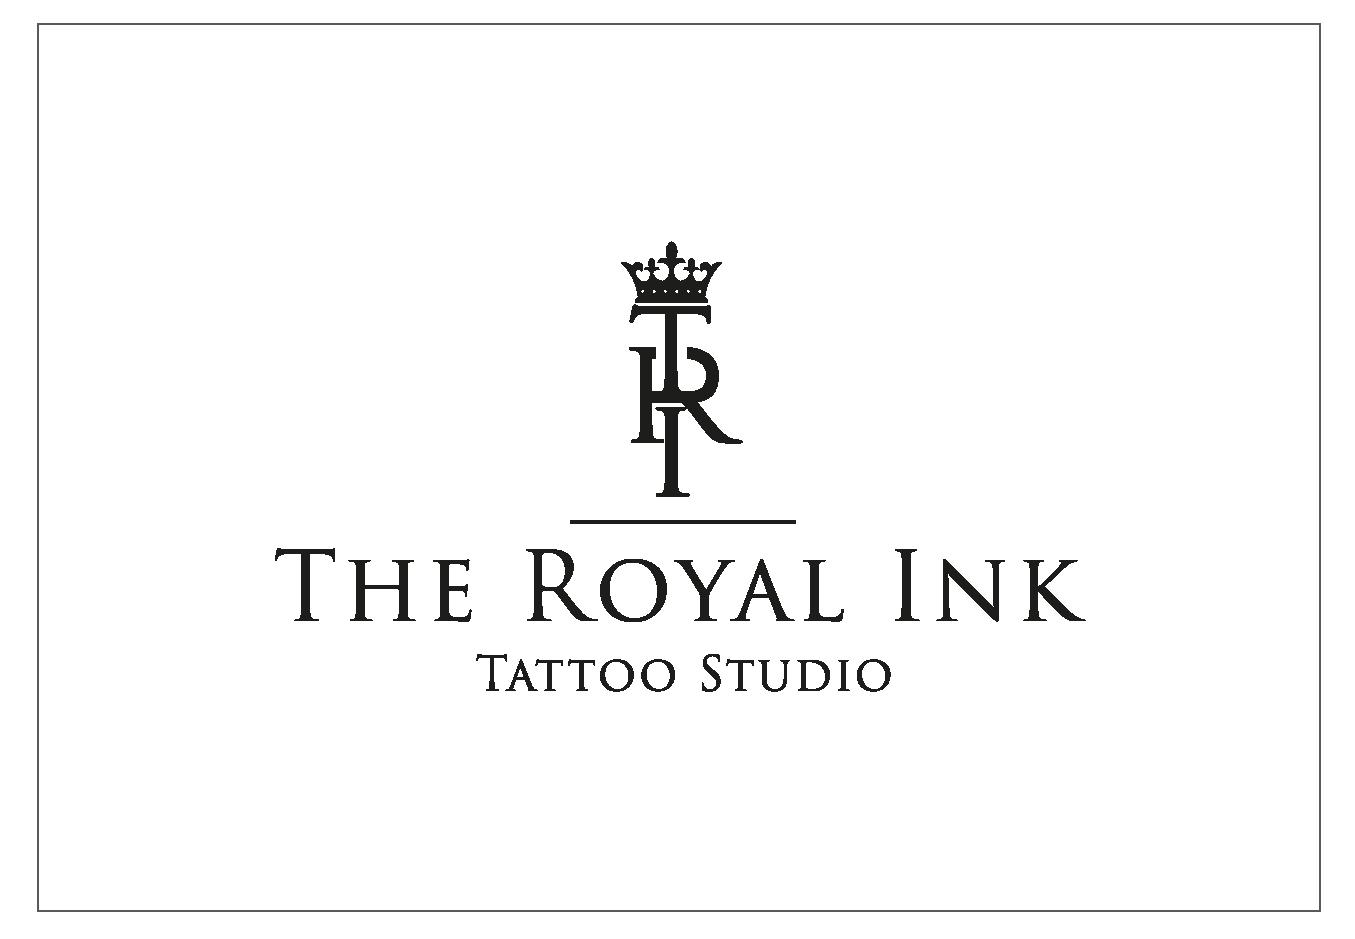 The Royal Ink Logo Design